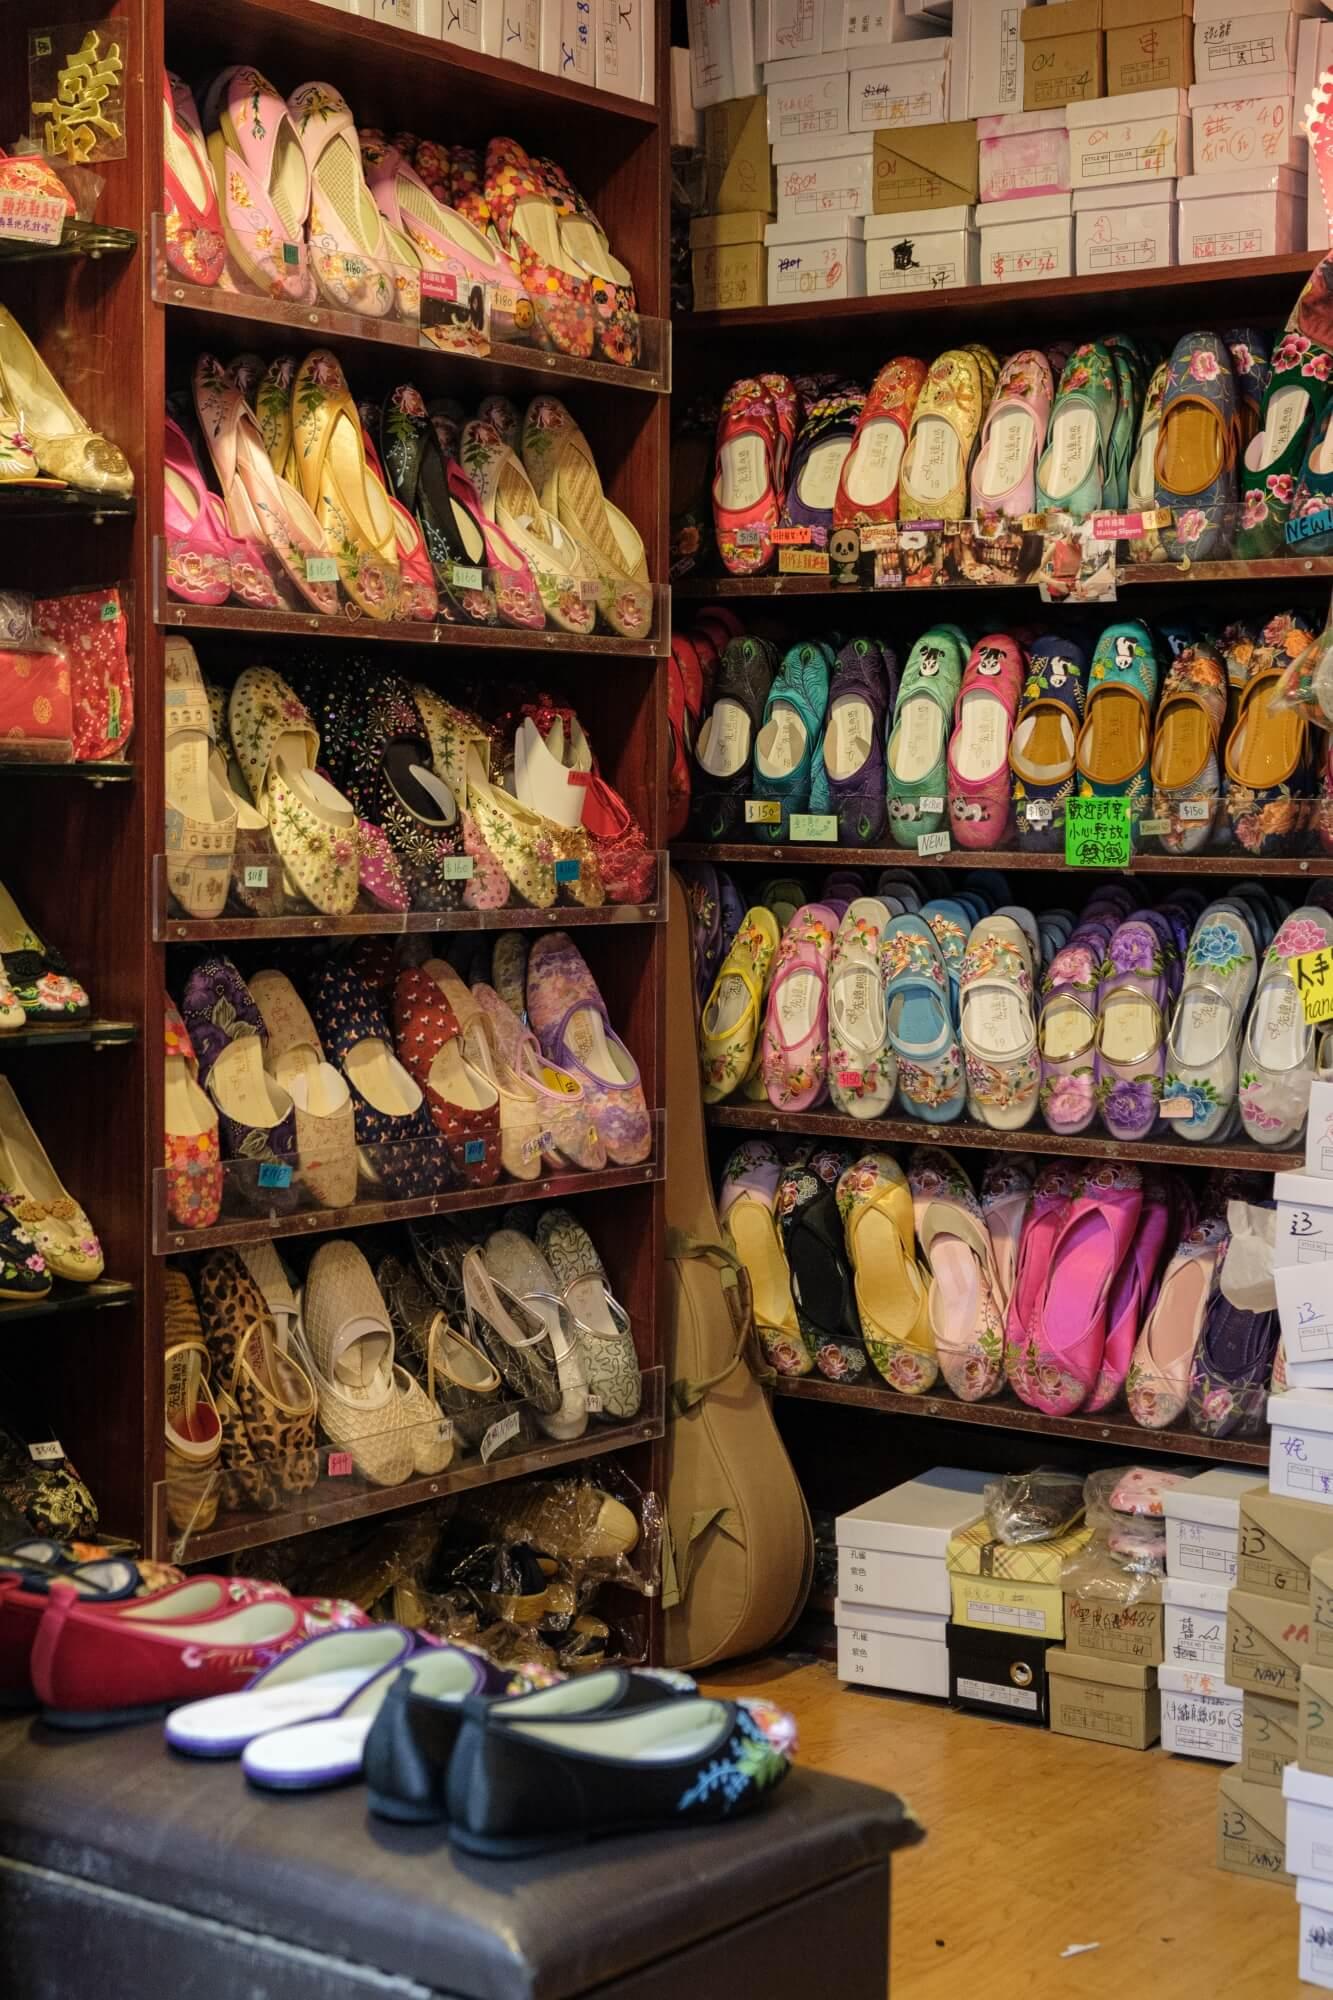 先達商店內的繡花鞋林林總總,從傳統刺繡到嶄新花式一應俱全。若張愛玲在二〇二〇年,未知她會選擇哪個?